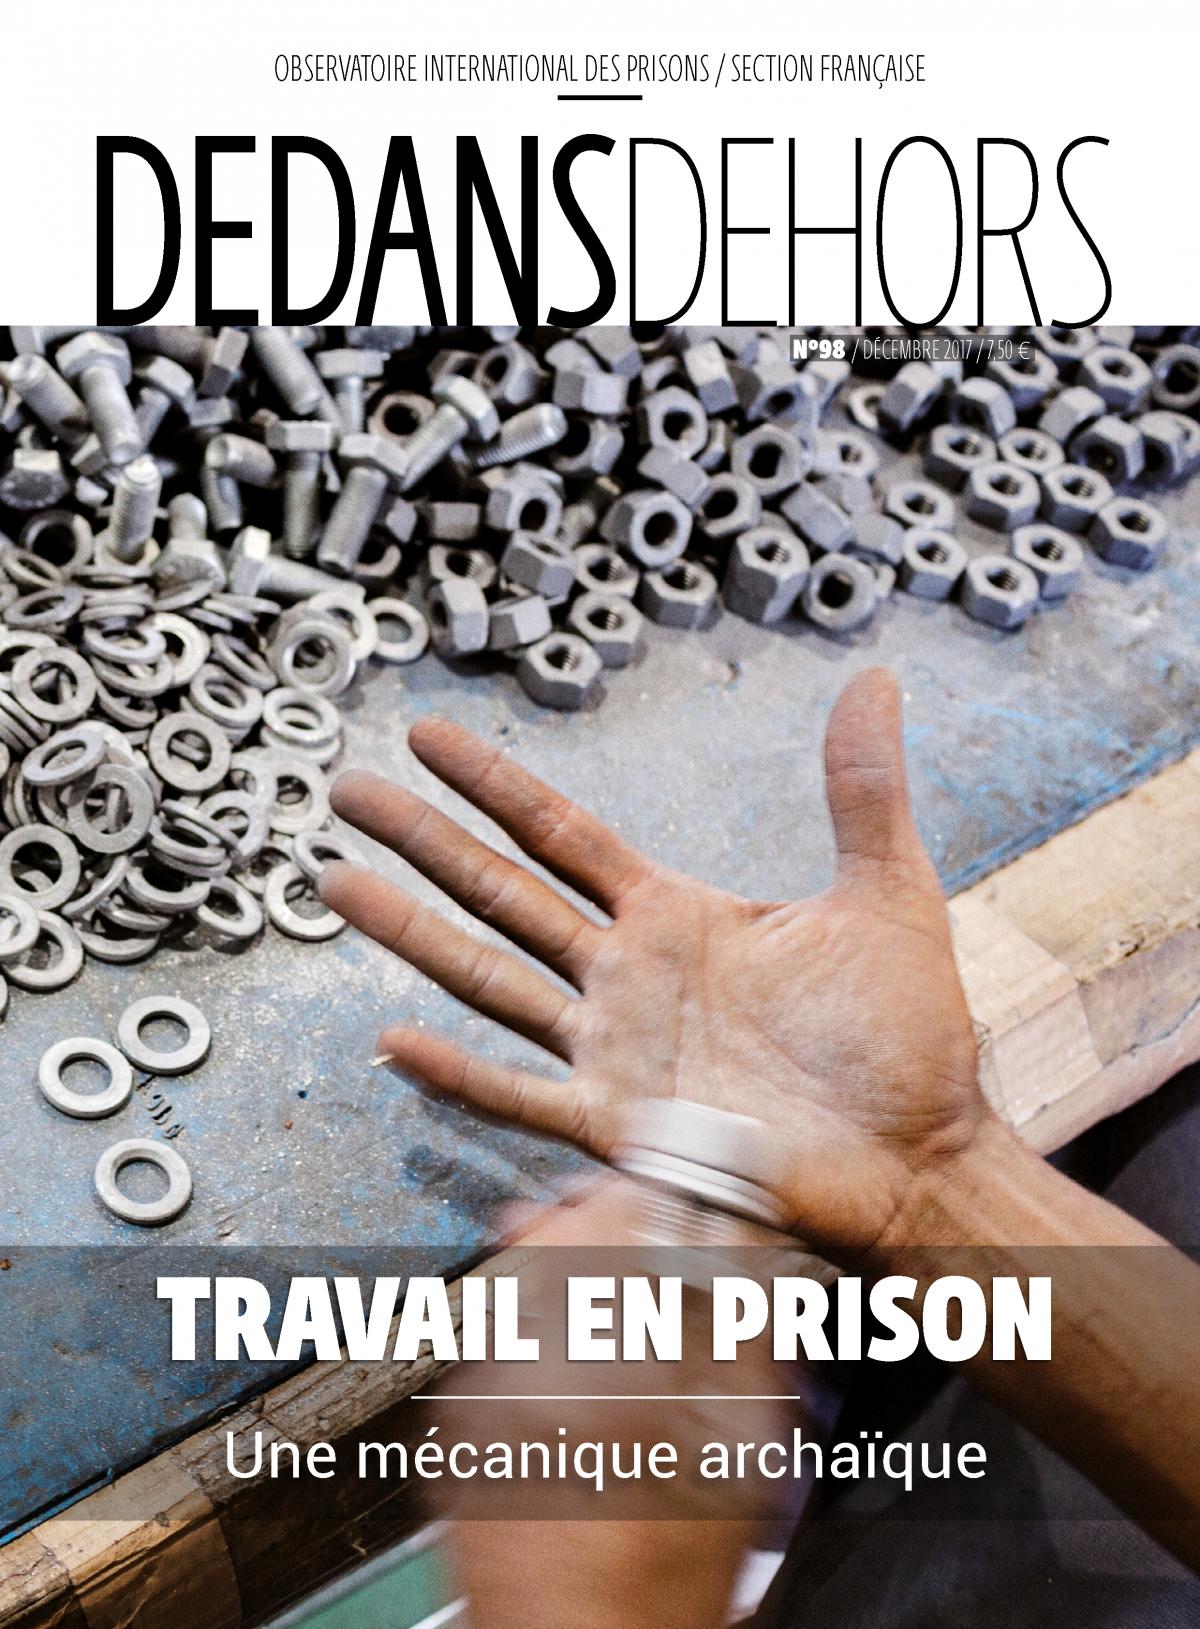 Travail en prison : une mécanique archaïque